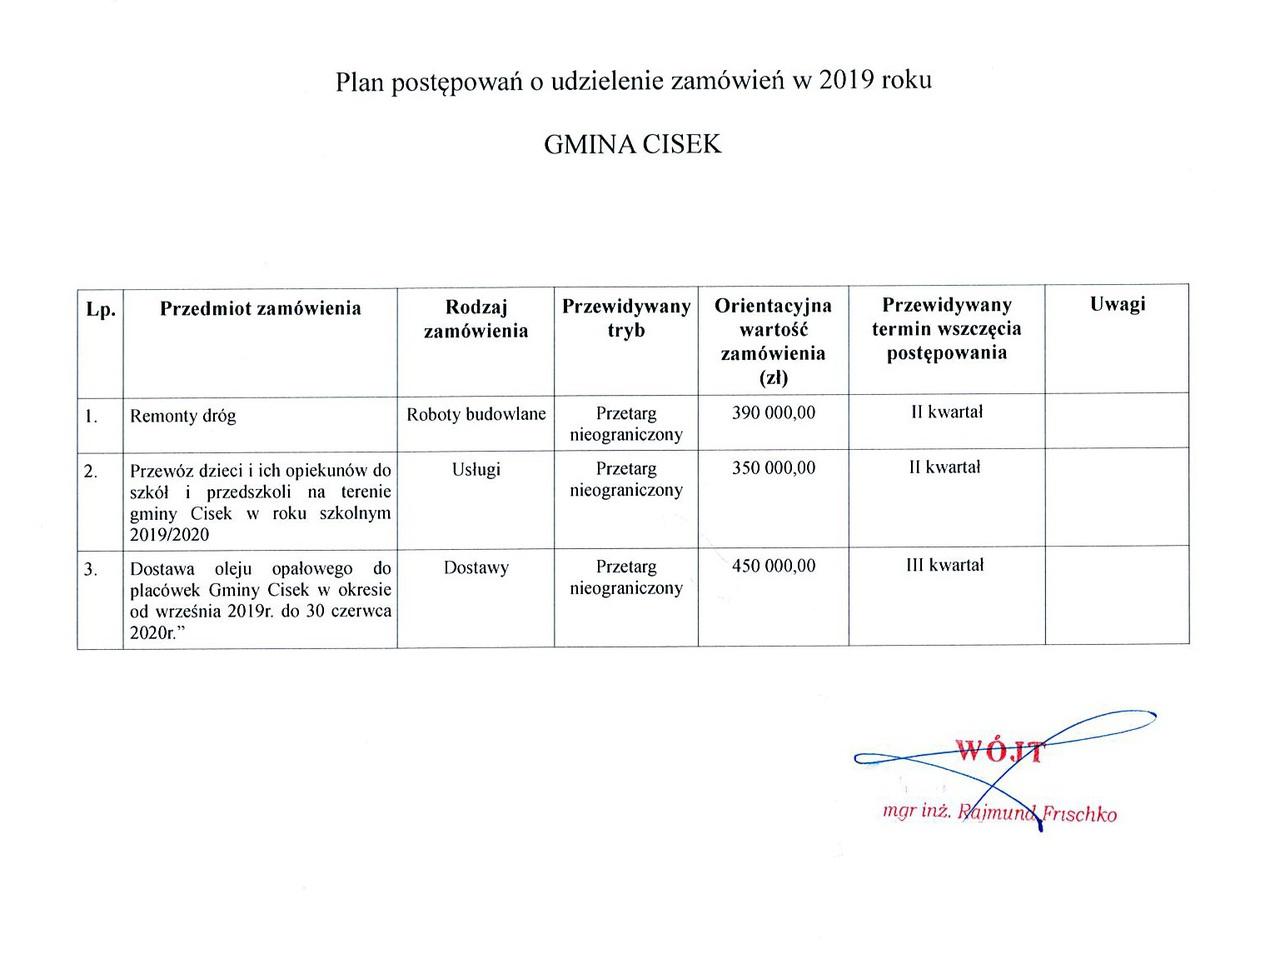 Plan postępowań o udzielenie zamówień na 2019 rok.jpeg